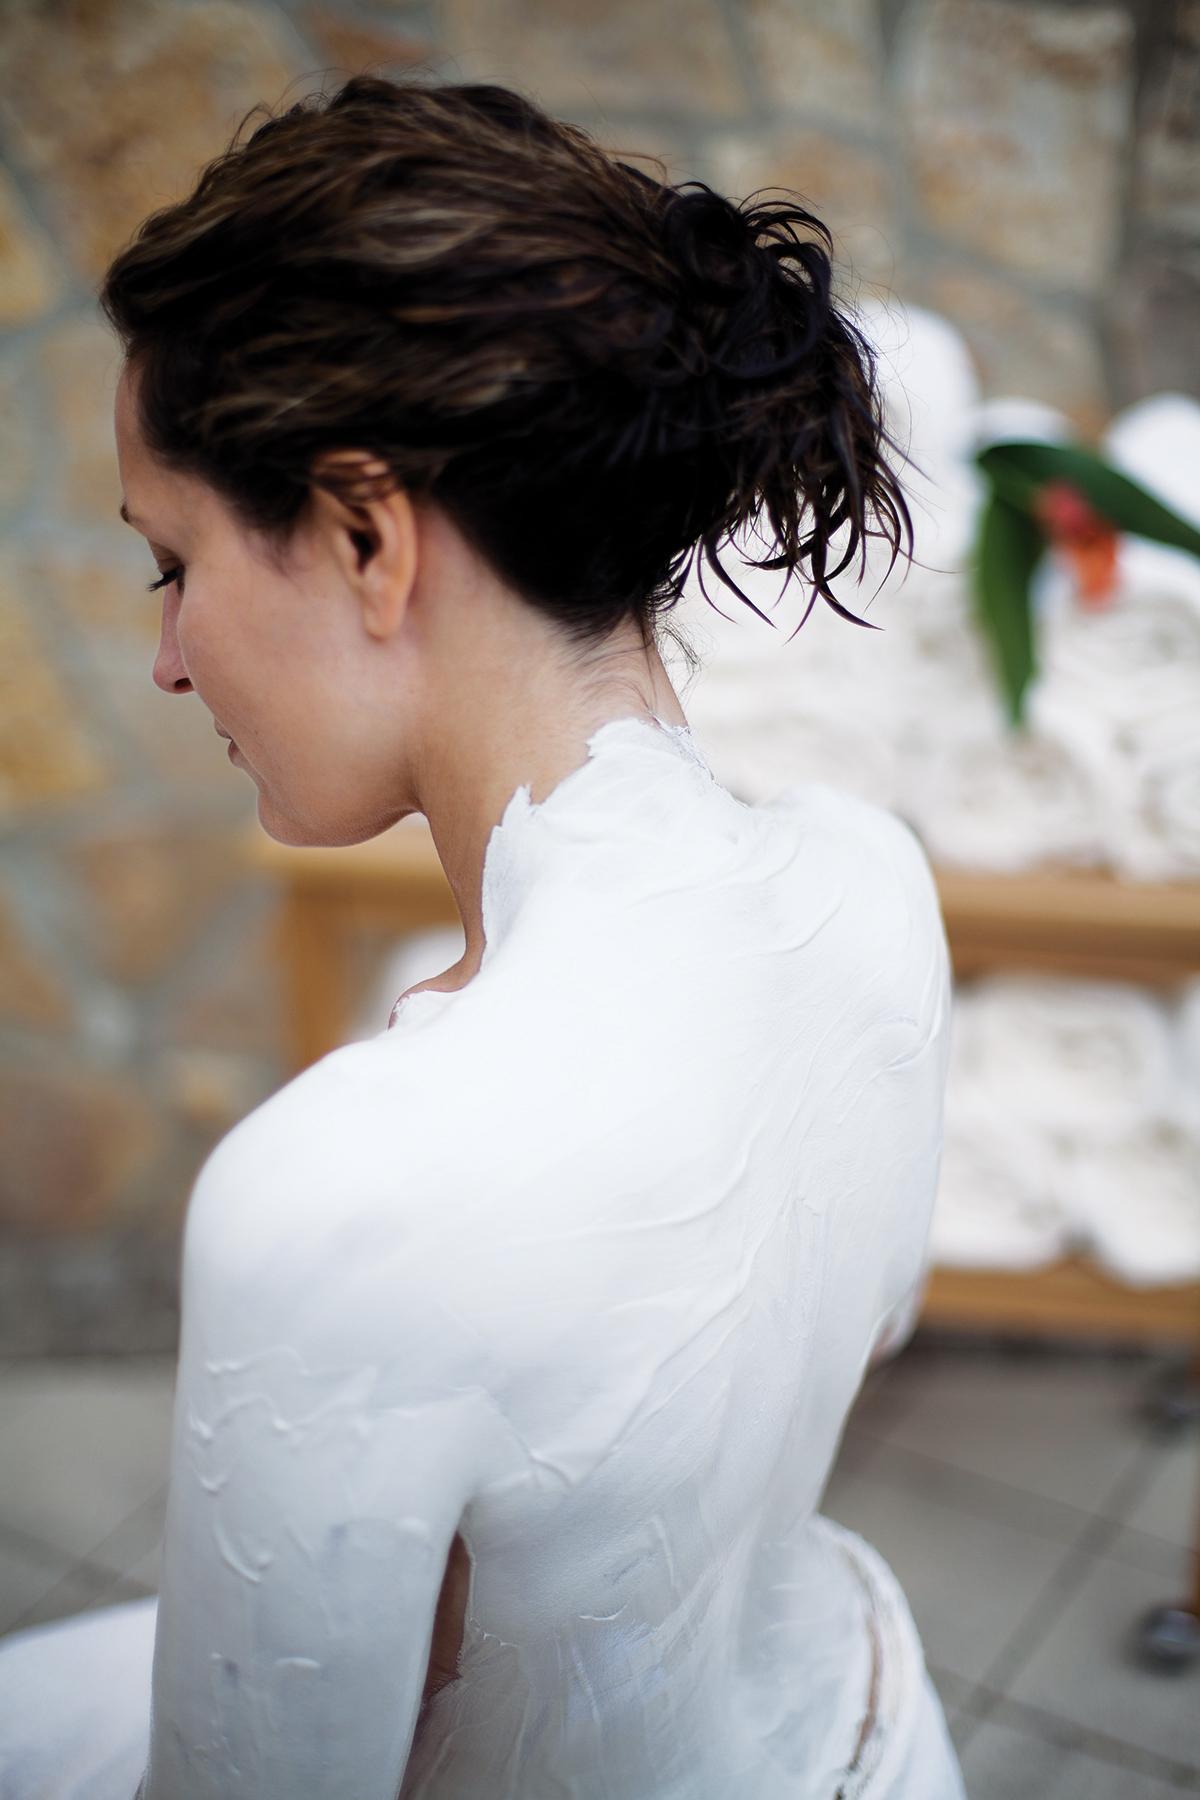 Abb. zu Rügener Power - Stoffe: Heilkreide und  die Vitaminbombe  Sanddorn